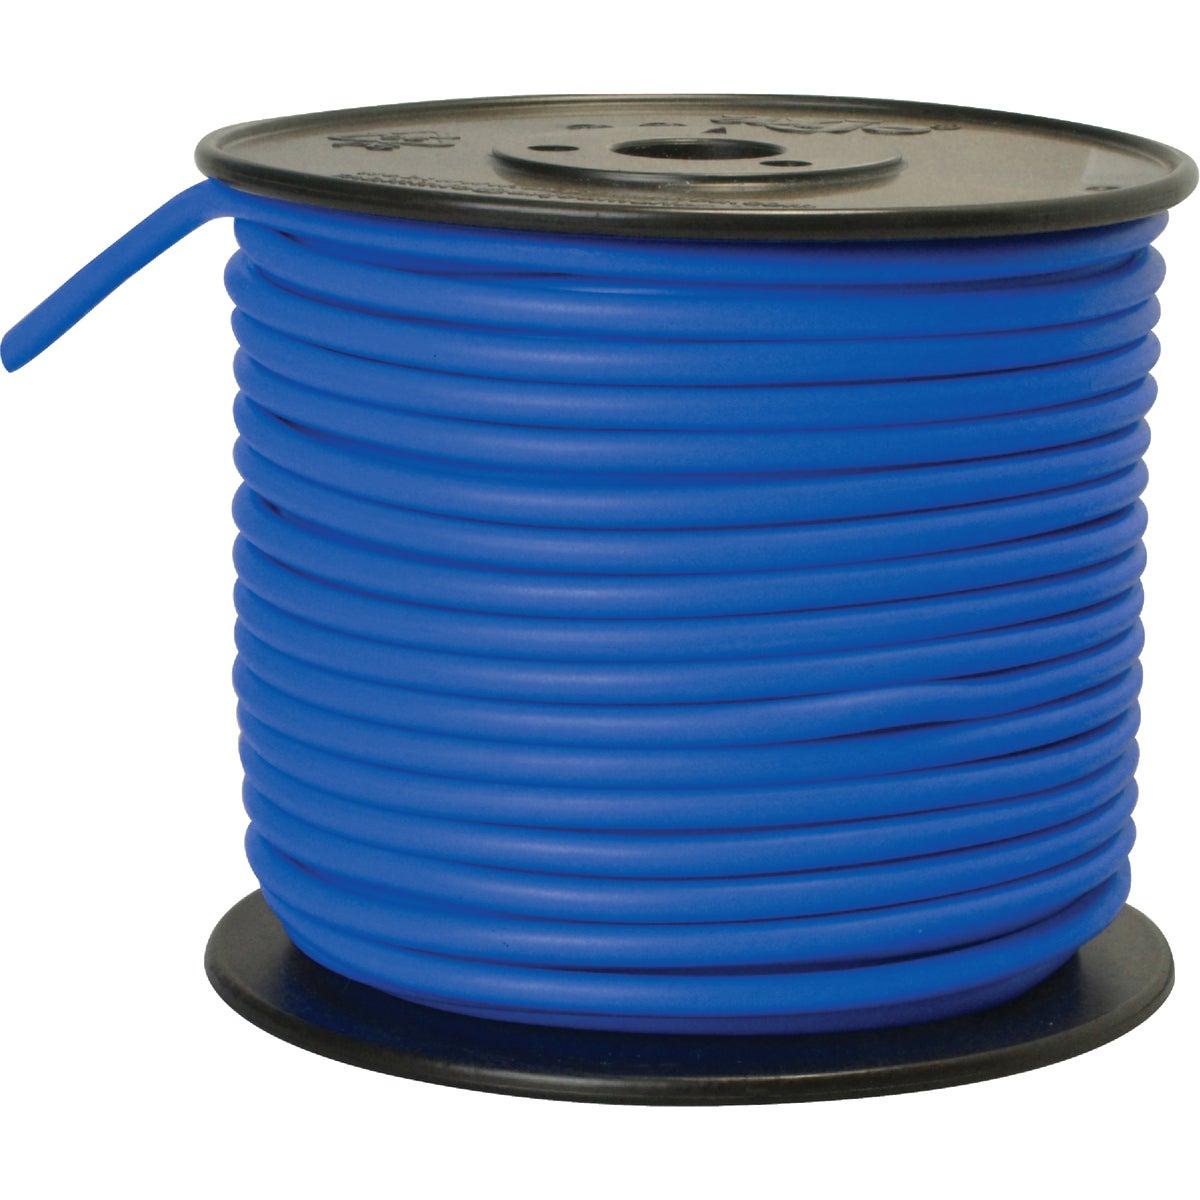 100' 10GA BLUE AUTO WIRE